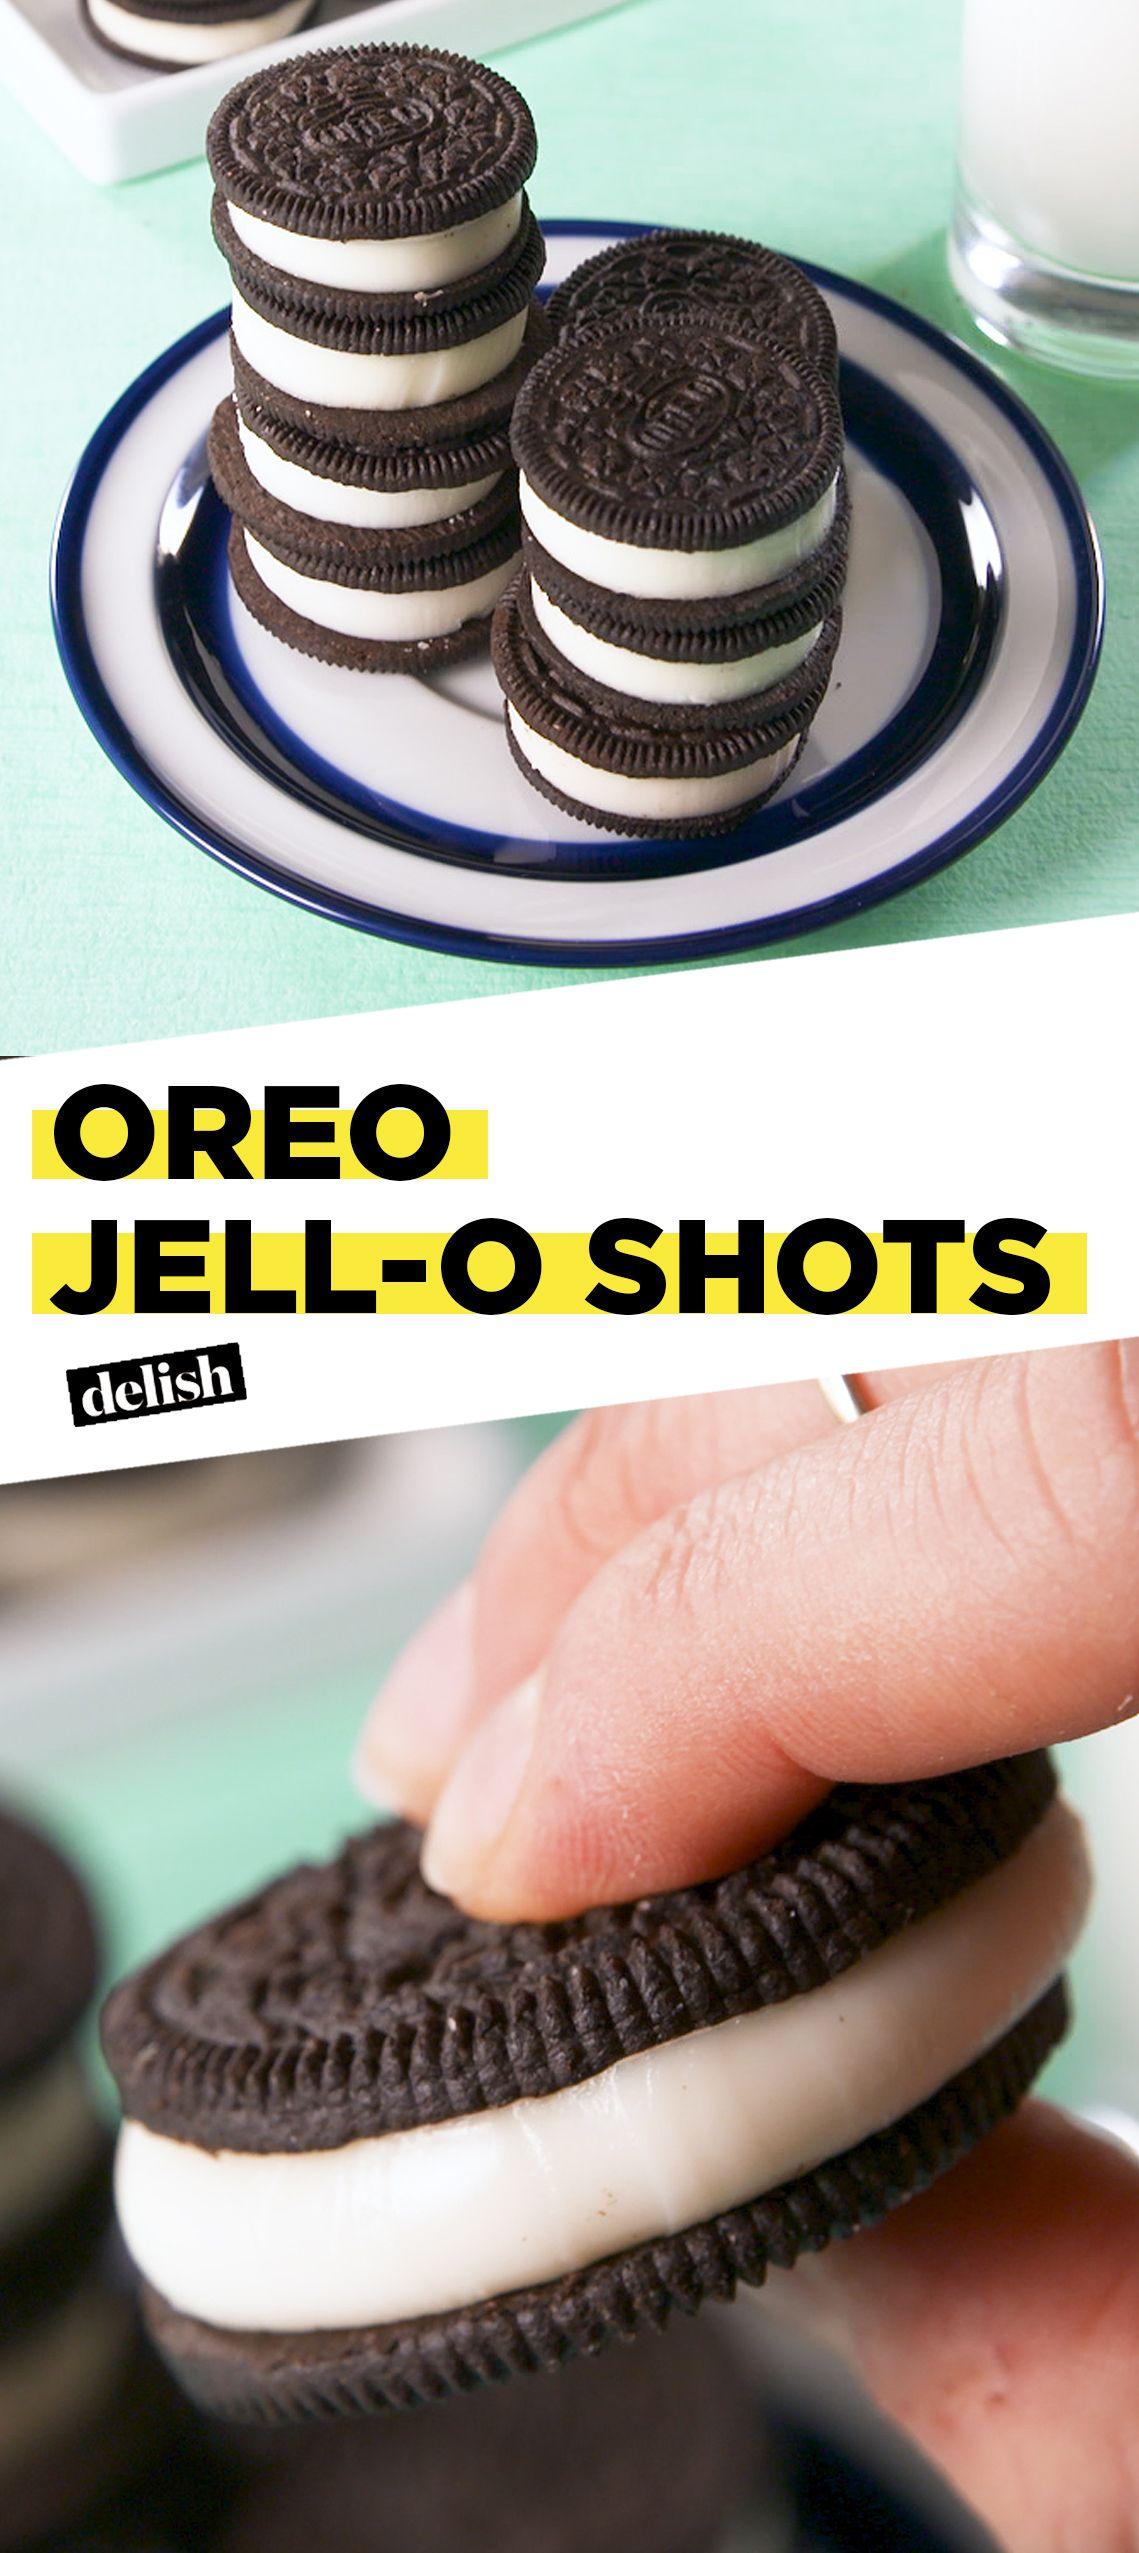 How To Make Oreo Jell-O Shots